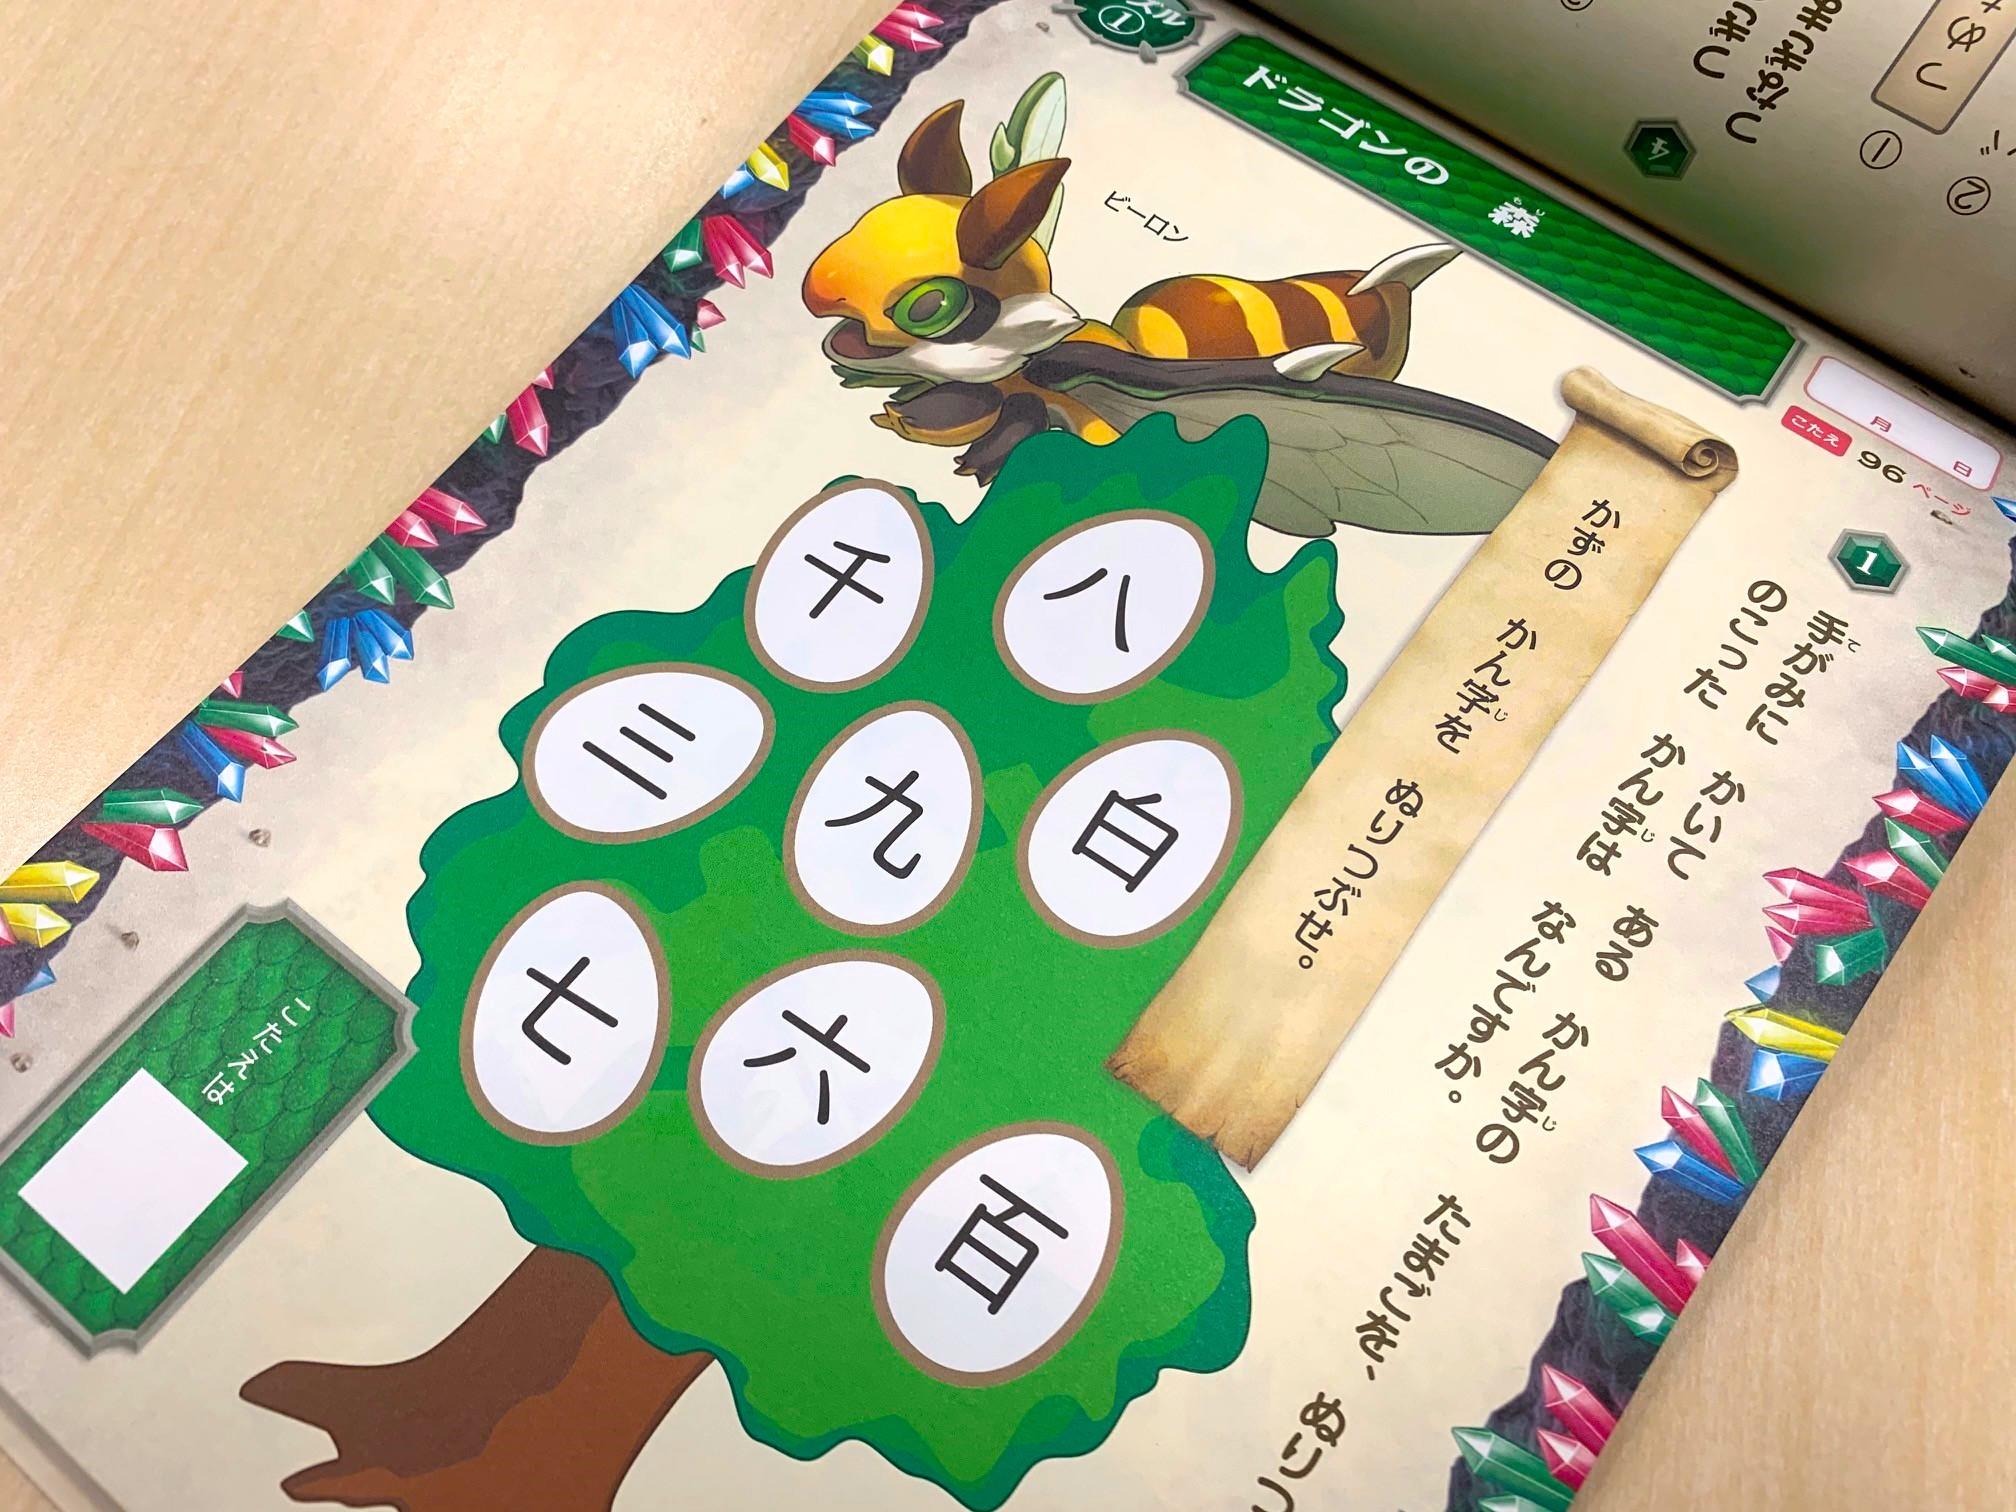 ドラゴンのイラストが大きく載ったパズルページ。